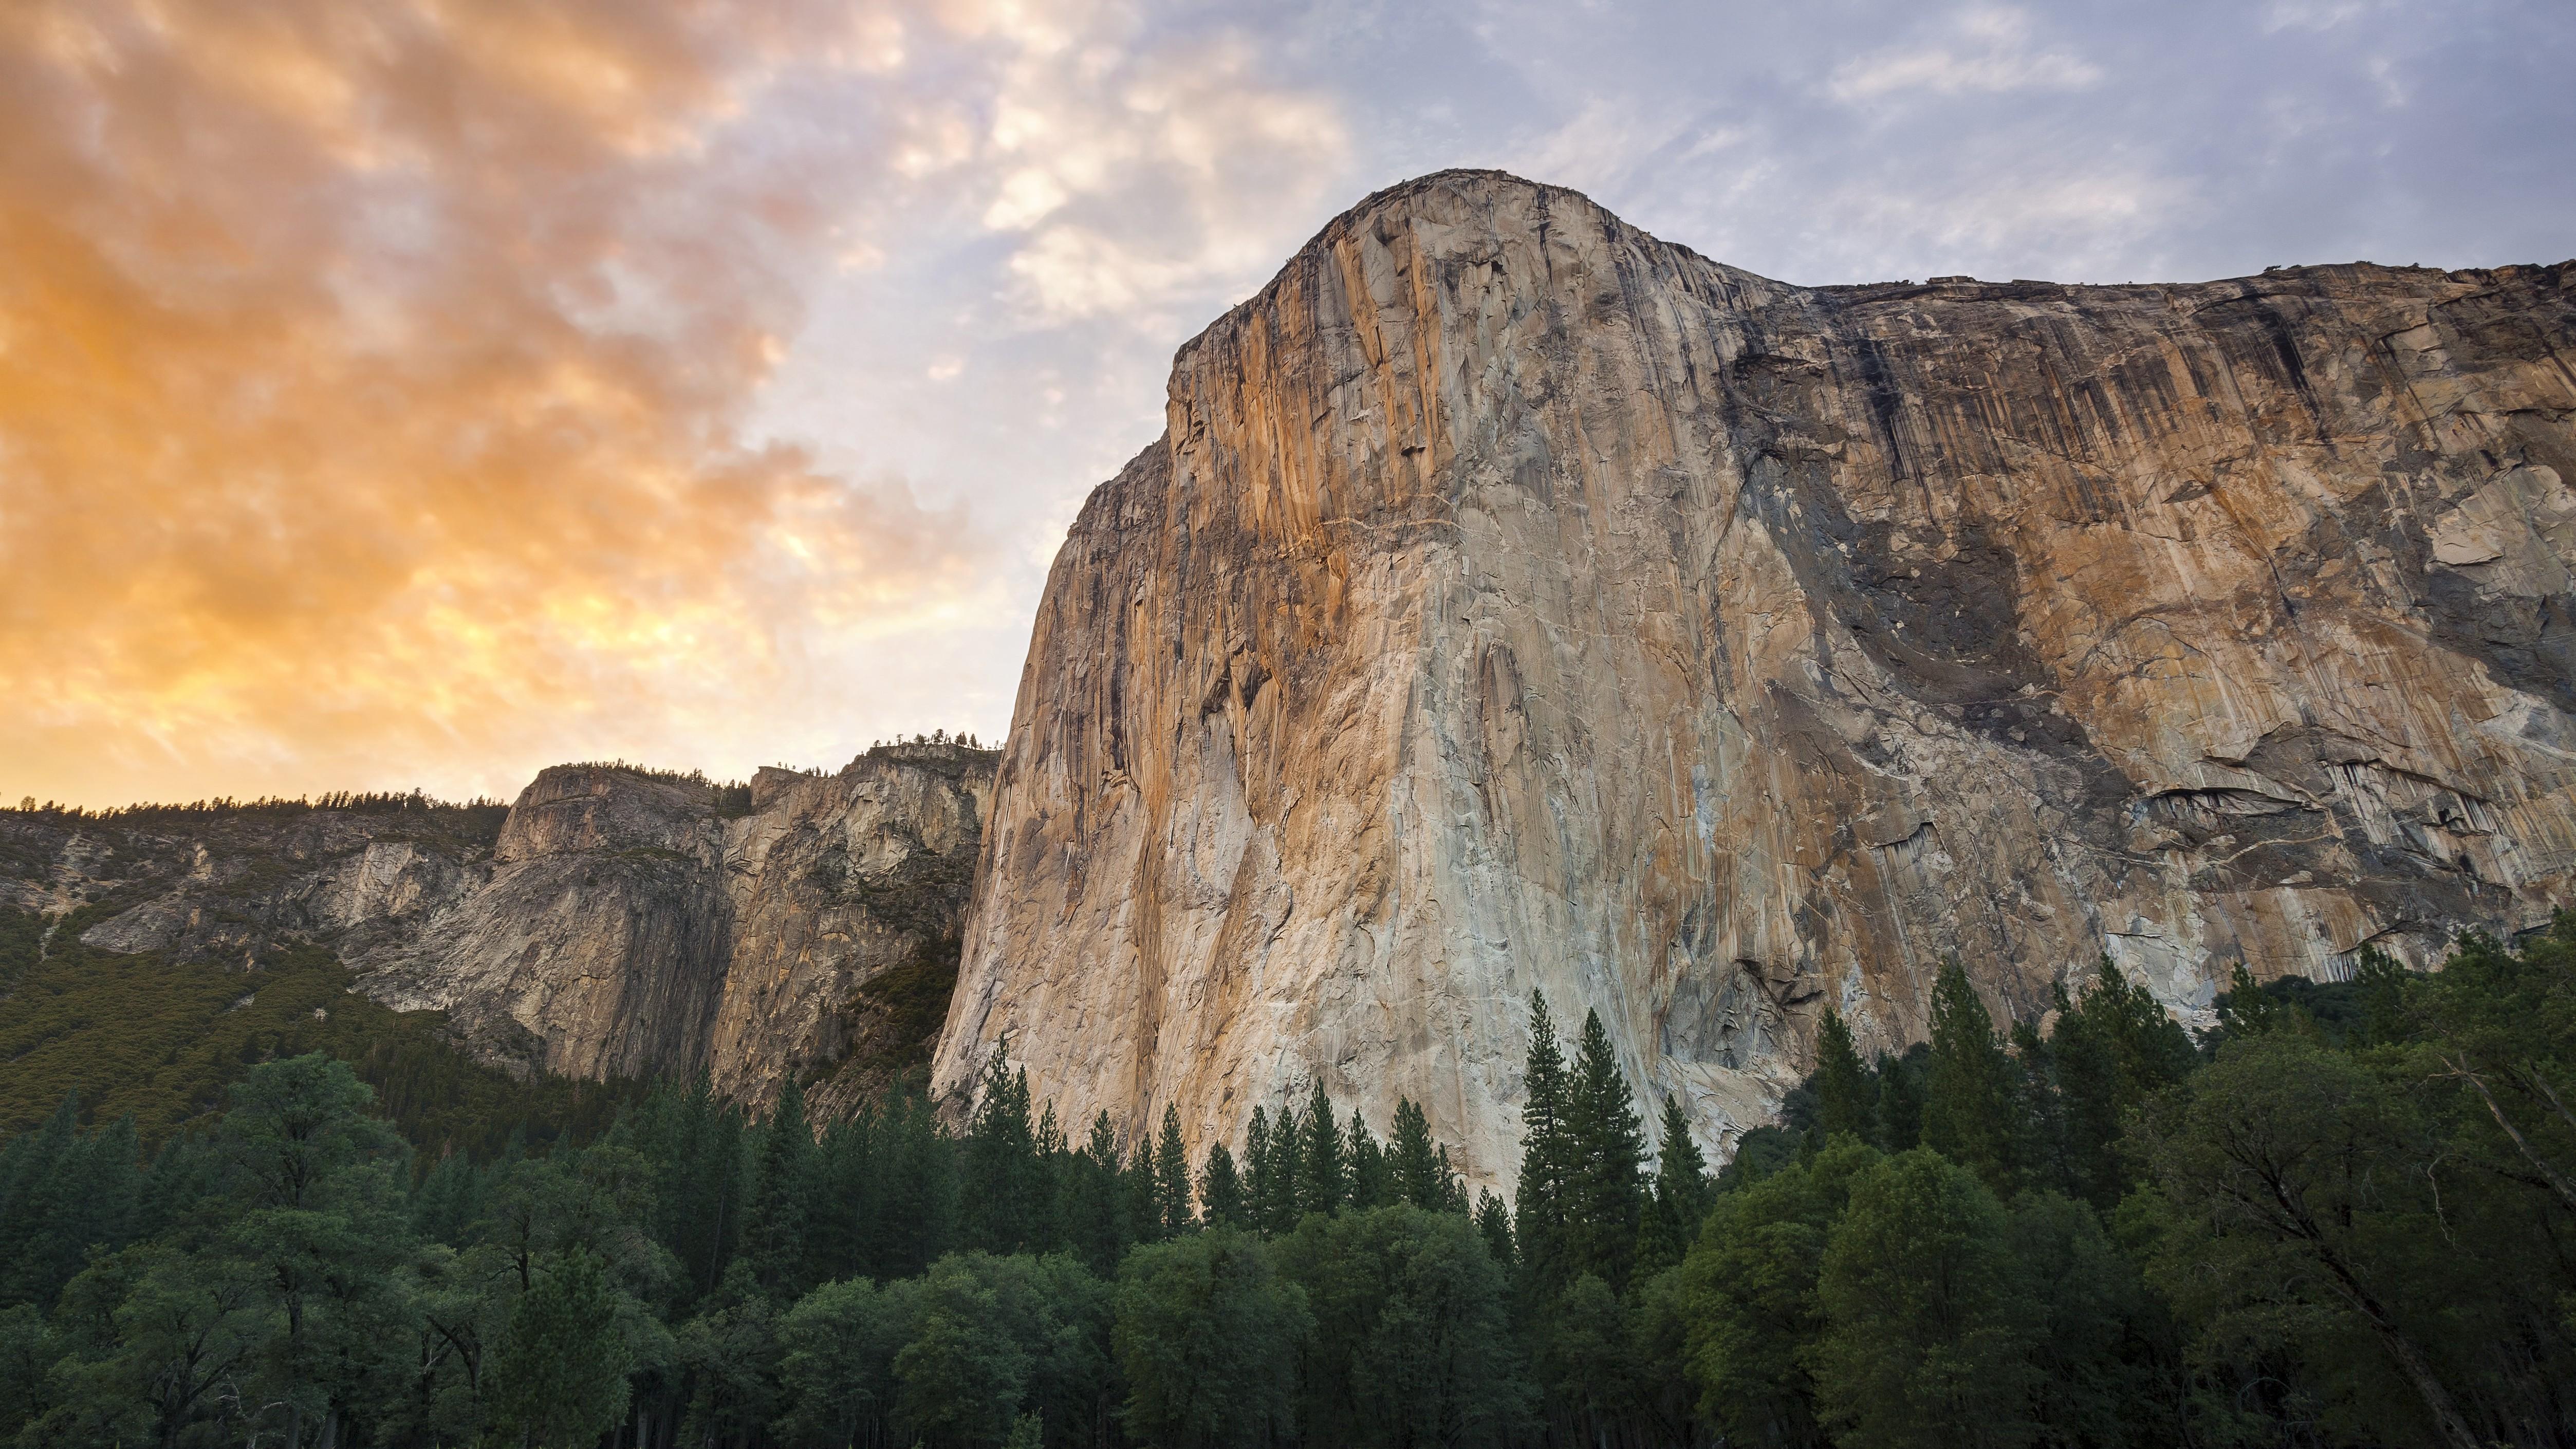 Most Inspiring Wallpaper Apple Nature - el-capitan-5013x2820-5k-4k-wallpaper-8k-forest-osx-apple-mountains-183  Photograph_228444      .jpg